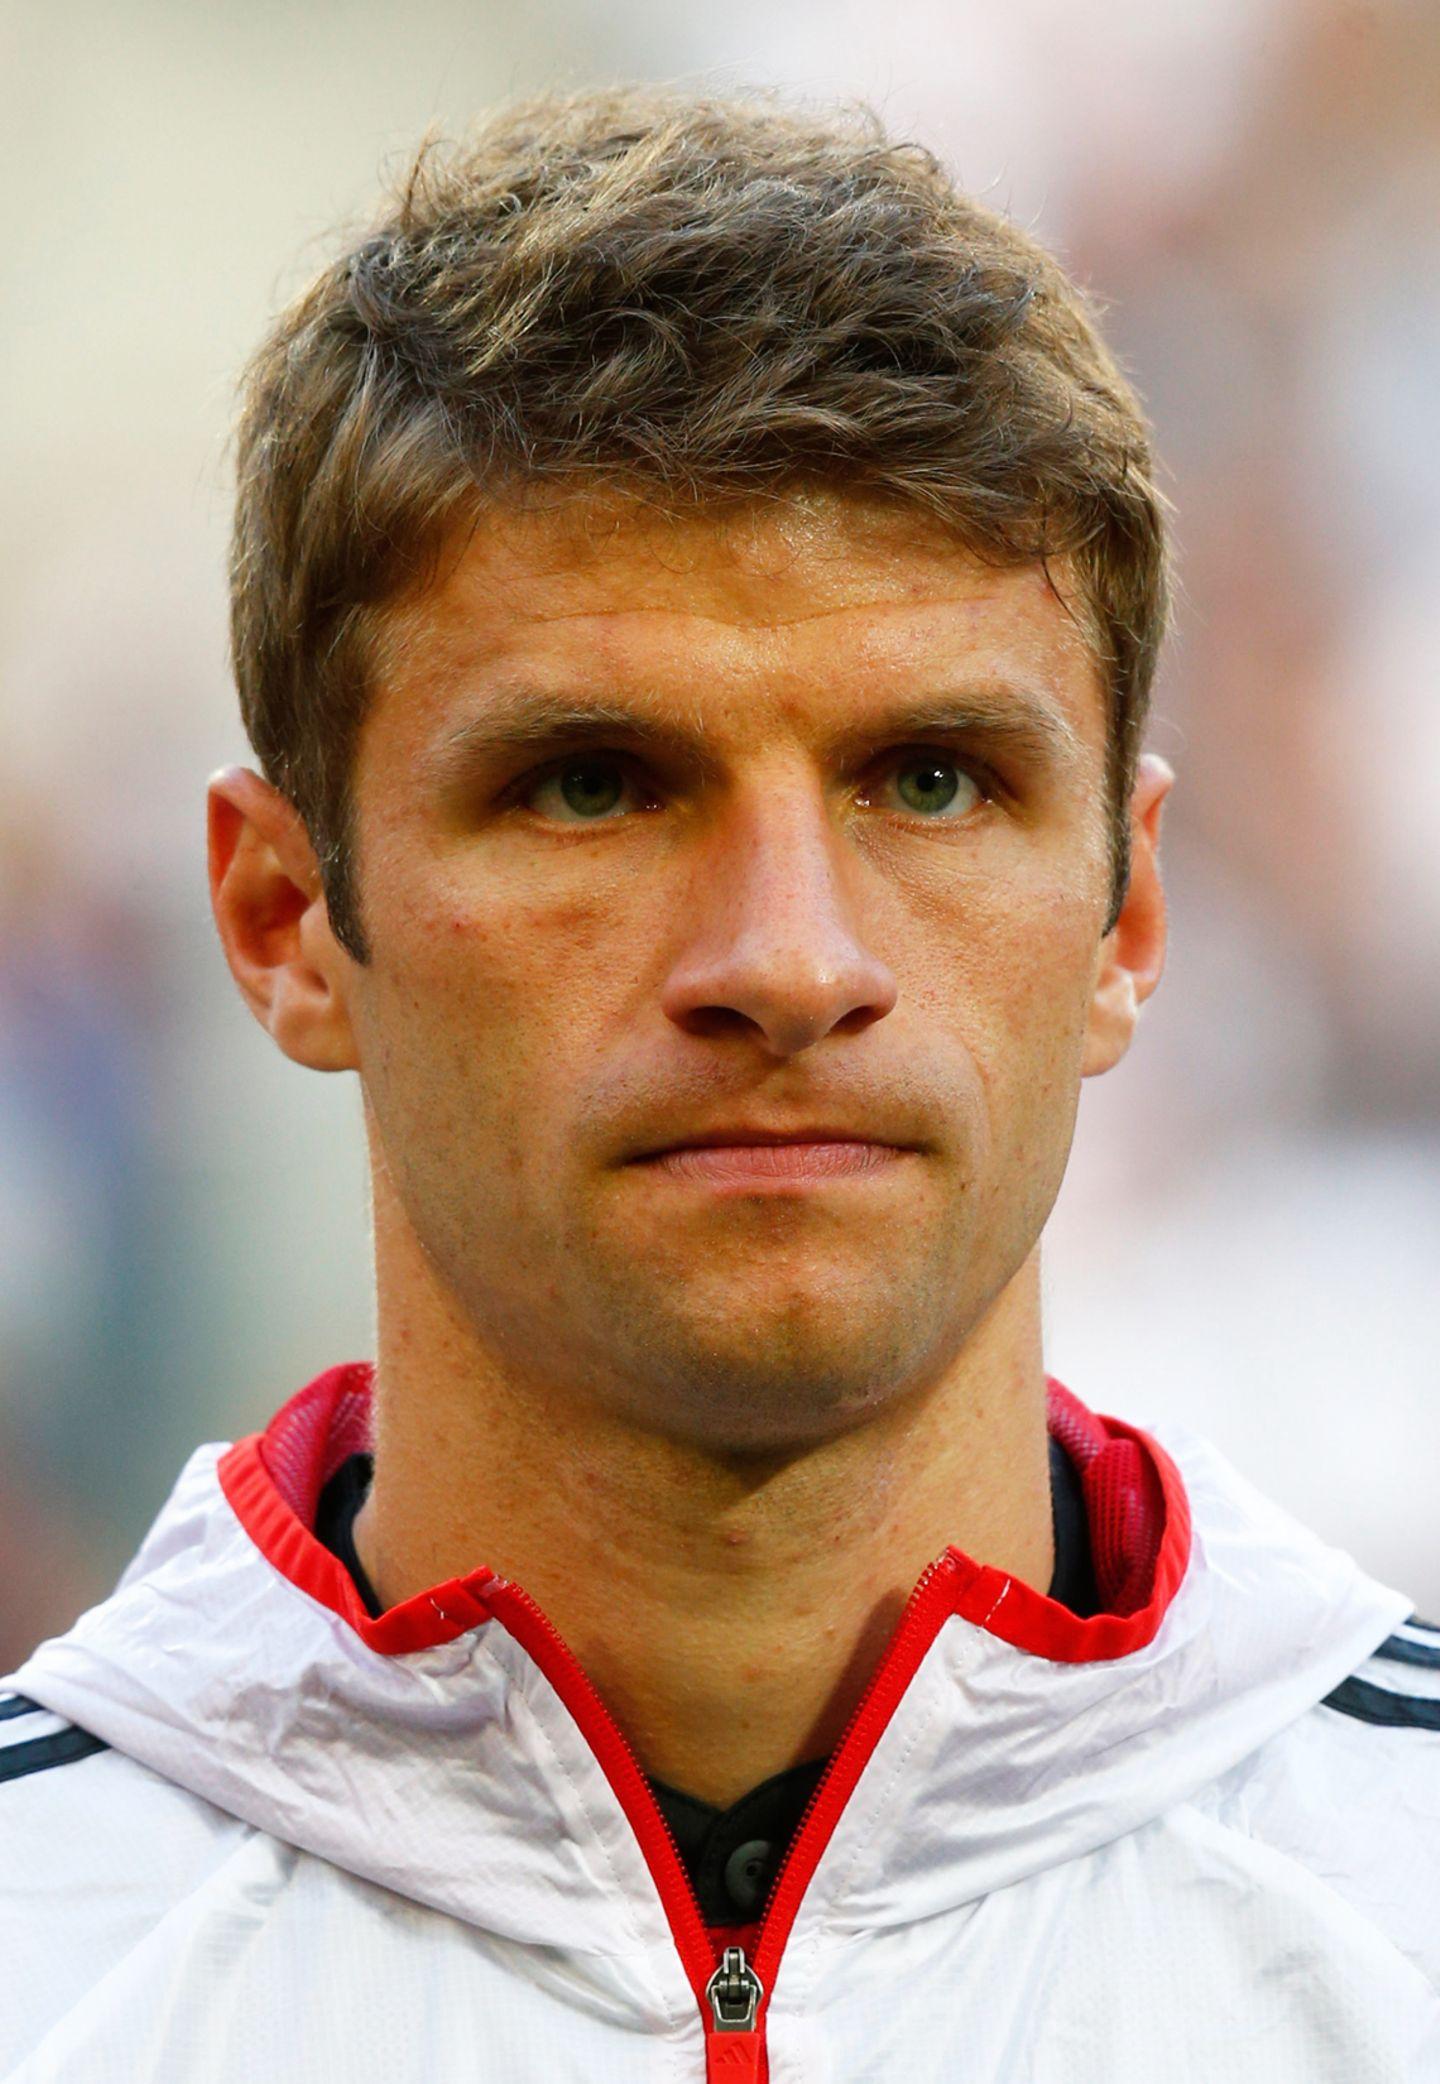 """Thomas Müller ist nicht nur der Name des """"Durchschnittsdeutschen"""", auch die Frisur des offensiven Mittelfeldspielers ist herrlich normal. Der bayerische Naturbursche und Pferdeliebhaber mag es eben einfach und unkompliziert."""